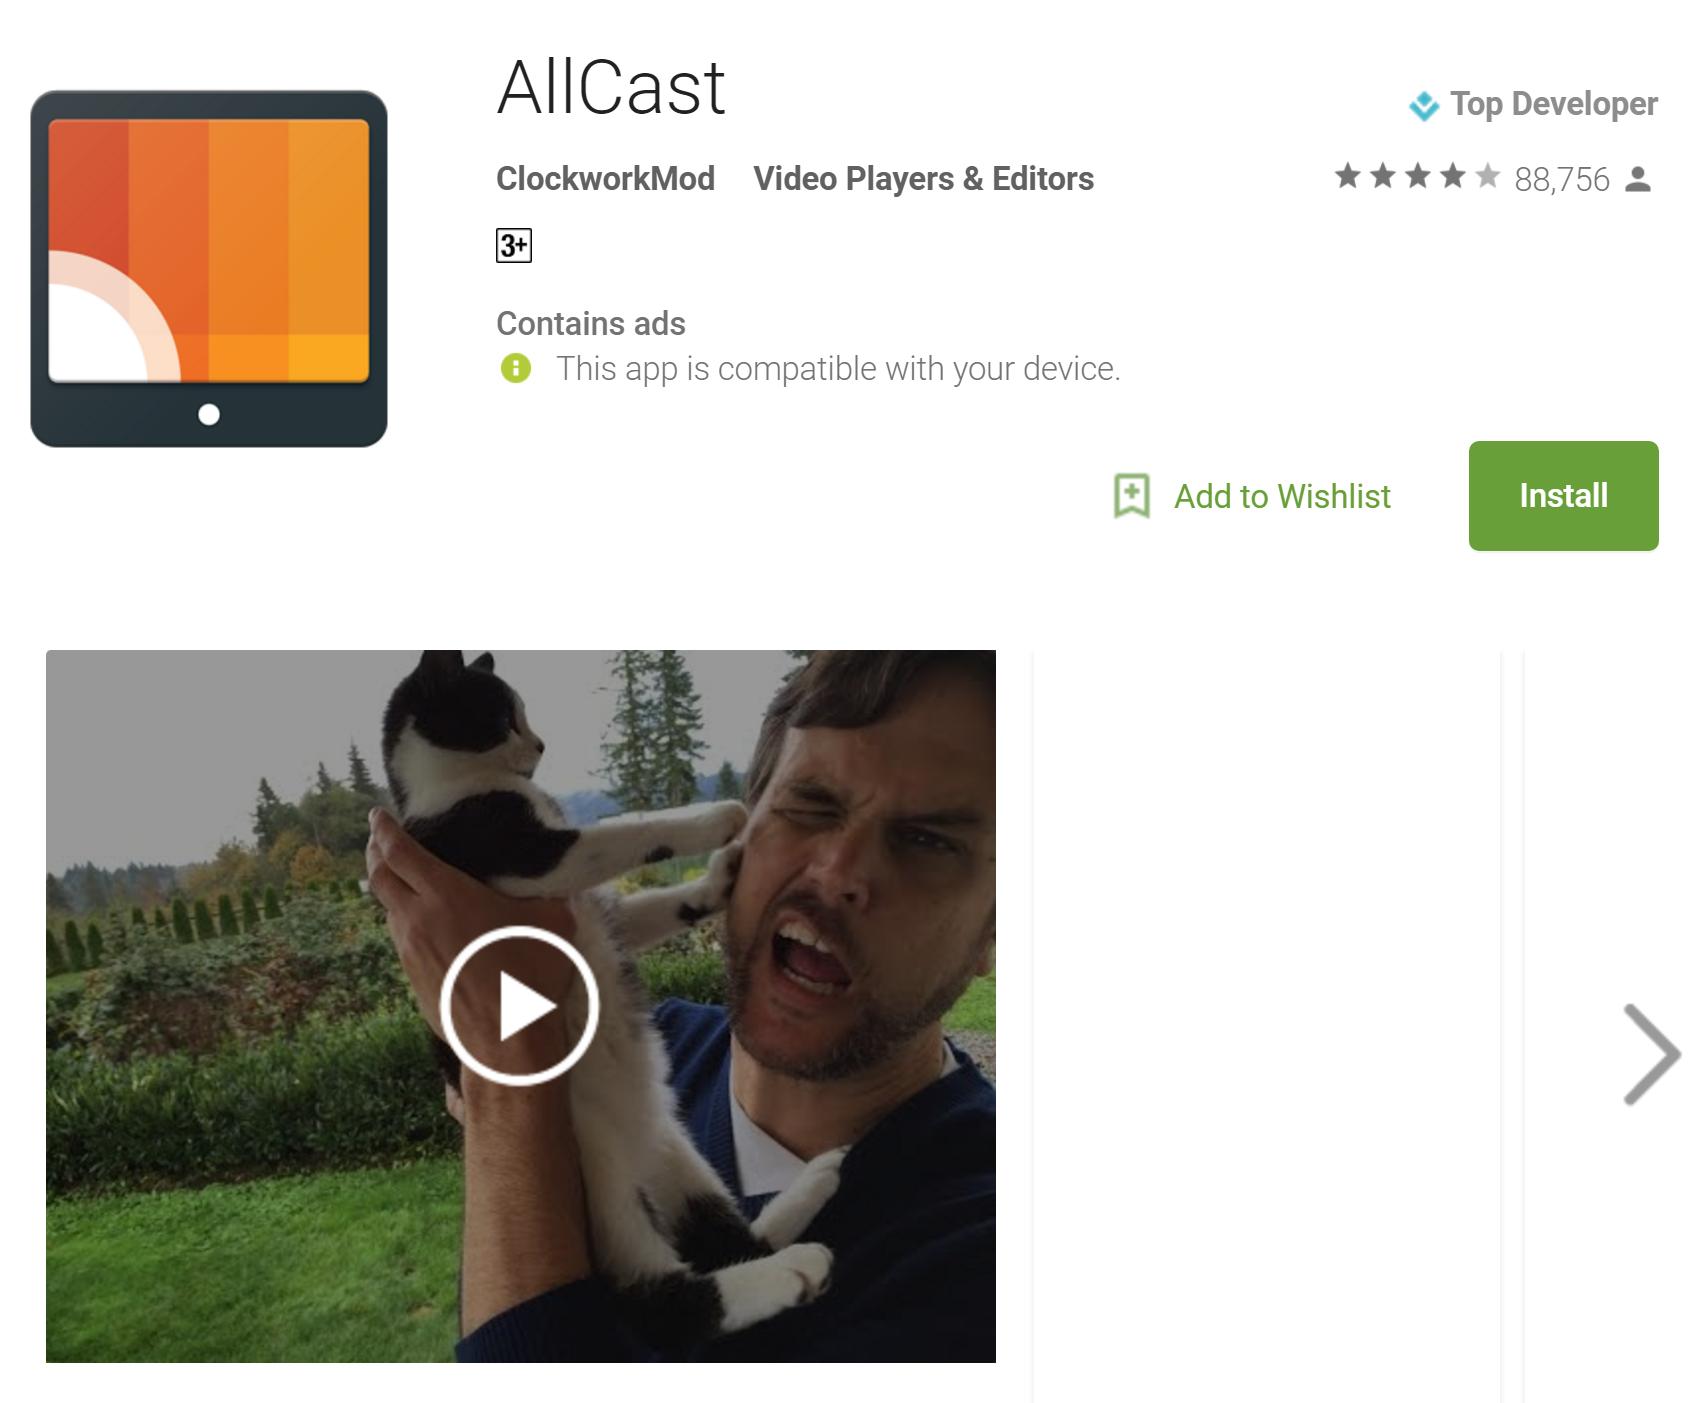 allcast